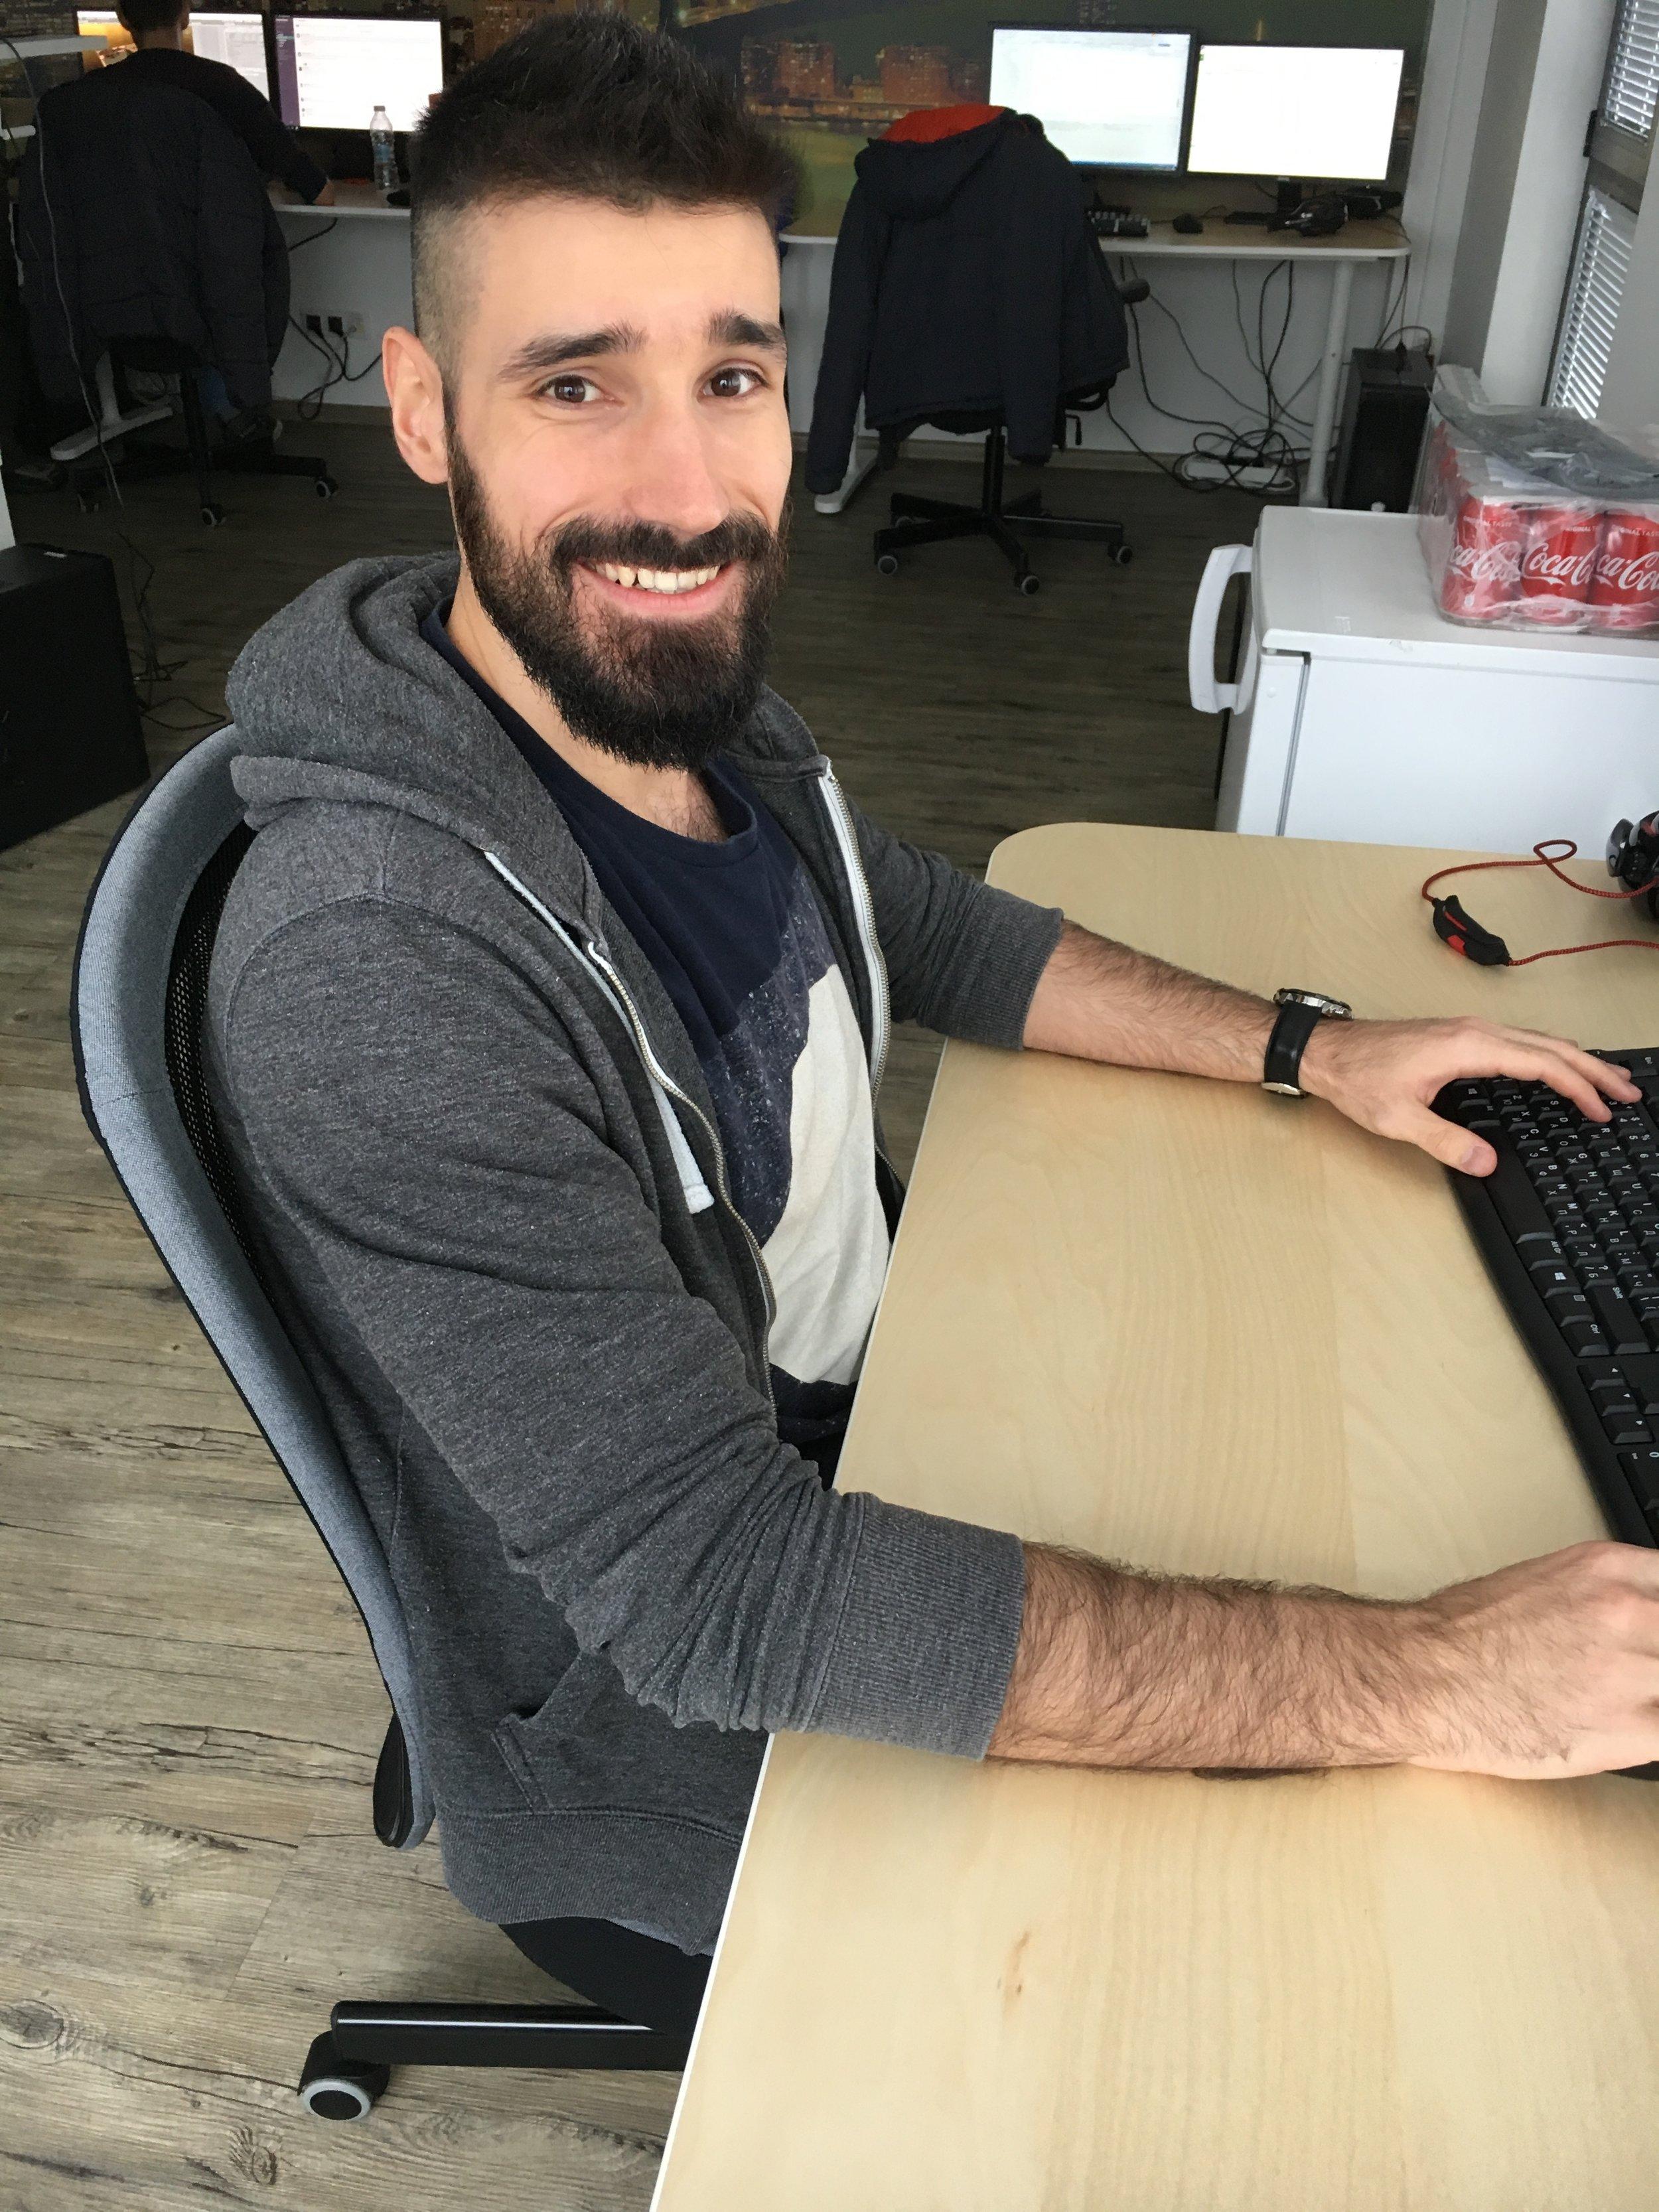 Denis - Programmer